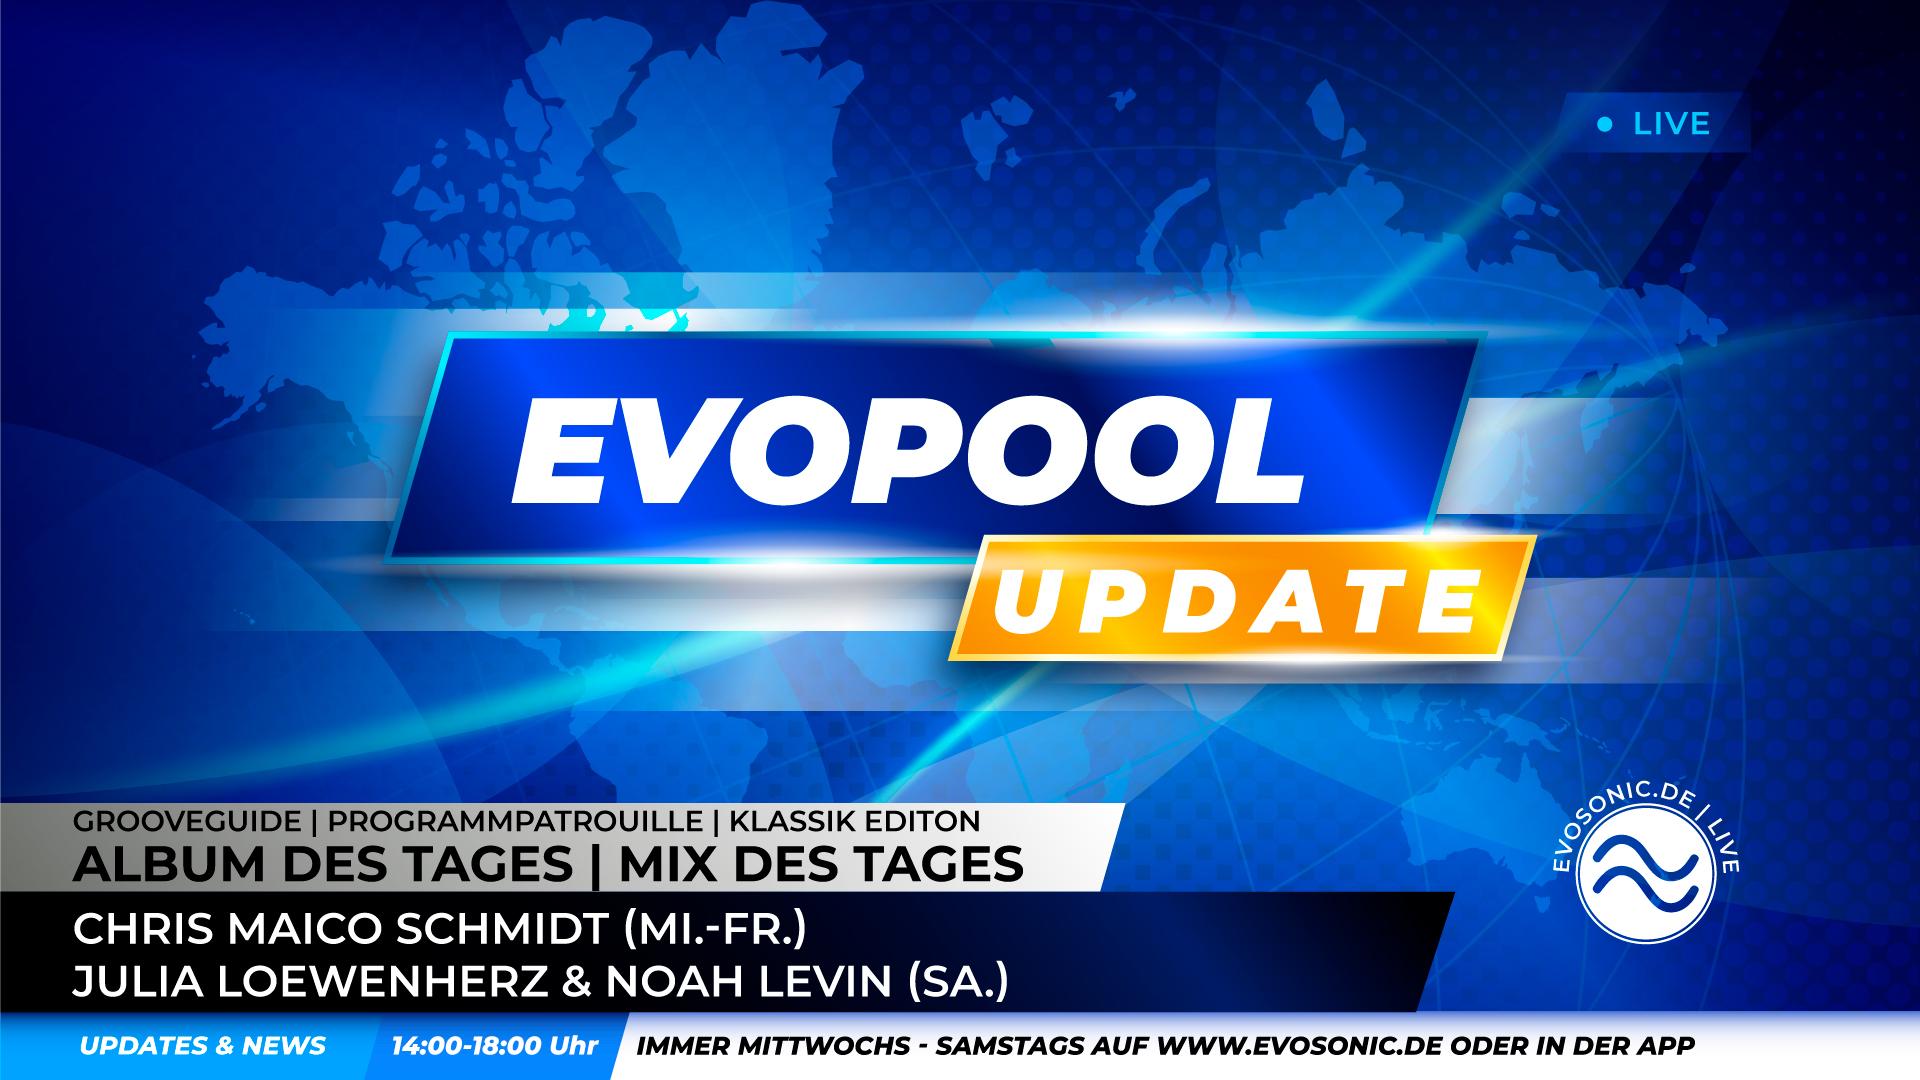 EVOPOOL-UPDATE